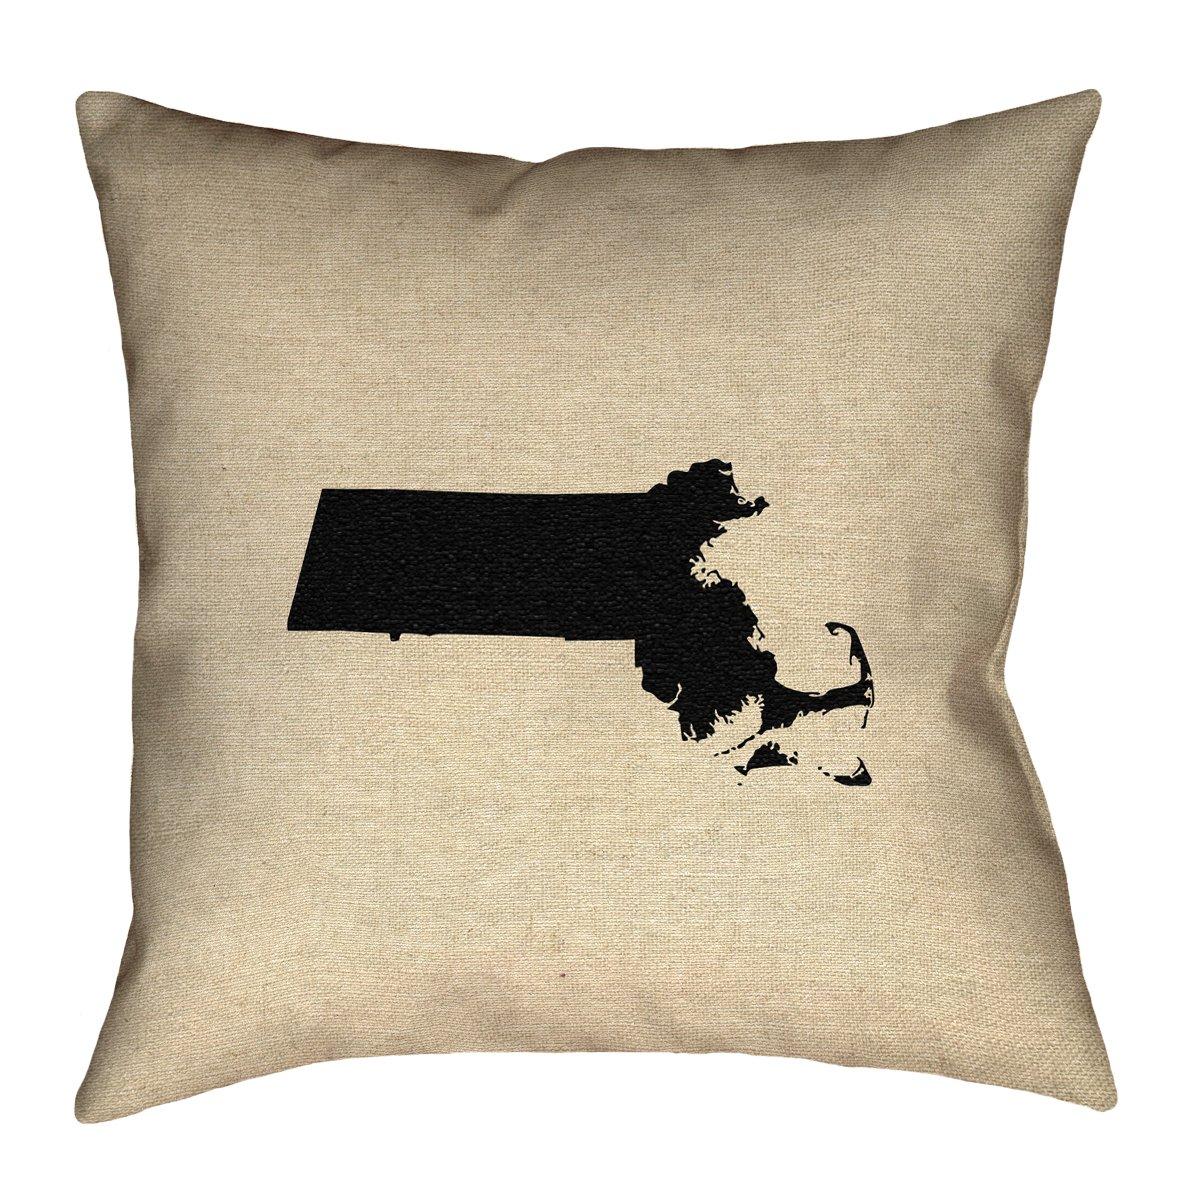 ArtVerse Katelyn Smith 18 x 18 Indoor//Outdoor UV Properties-Waterproof and Mildew Proof Massachusetts Pillow